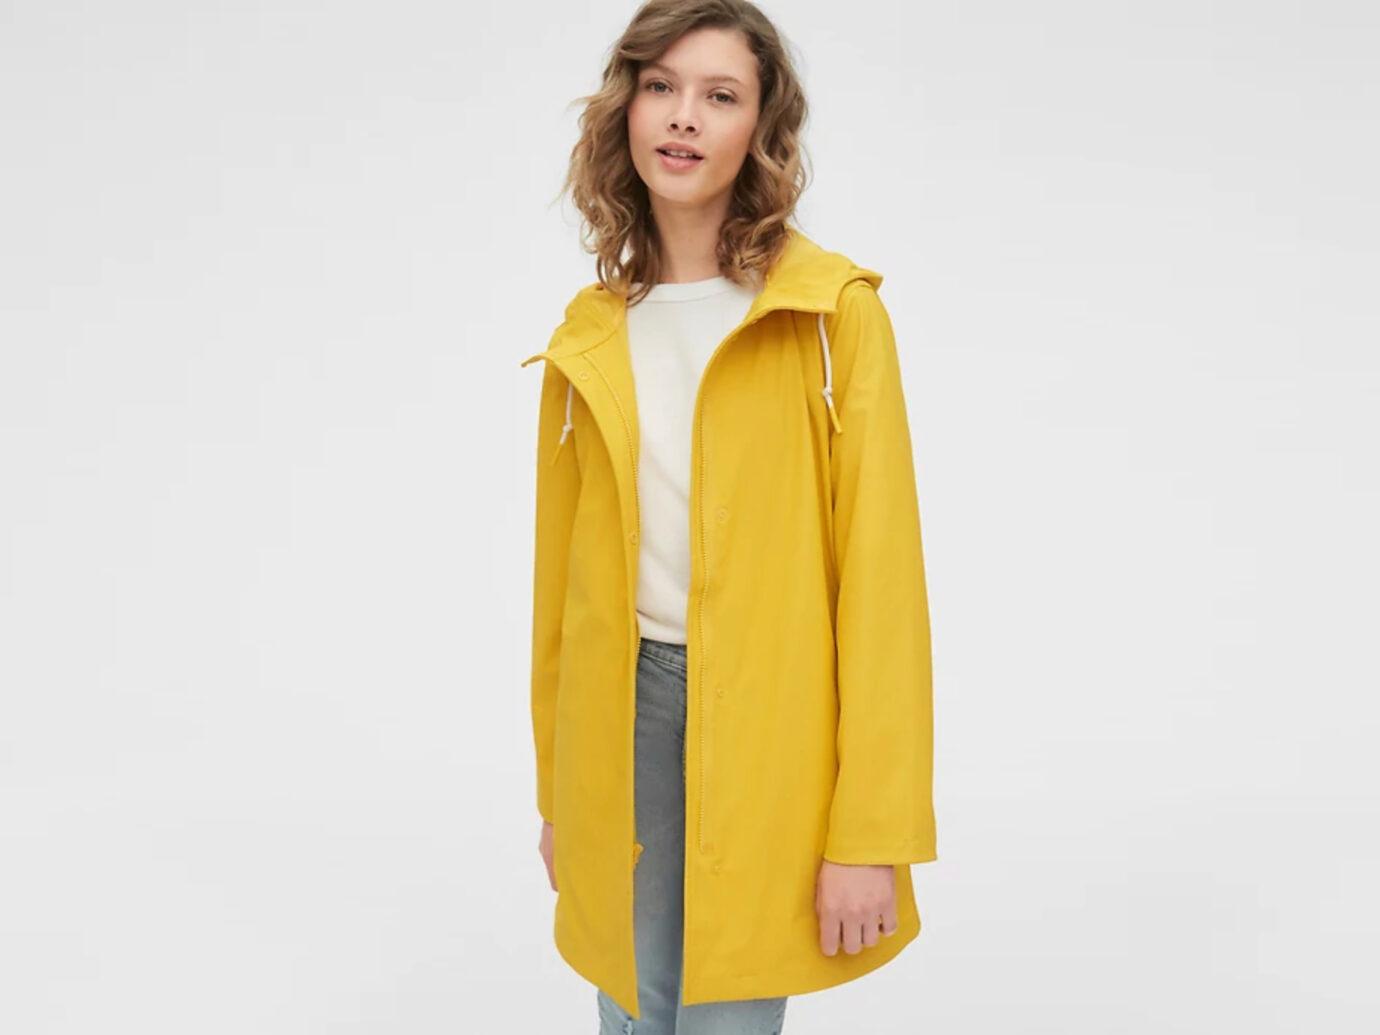 Gap Upcycled Raincoat